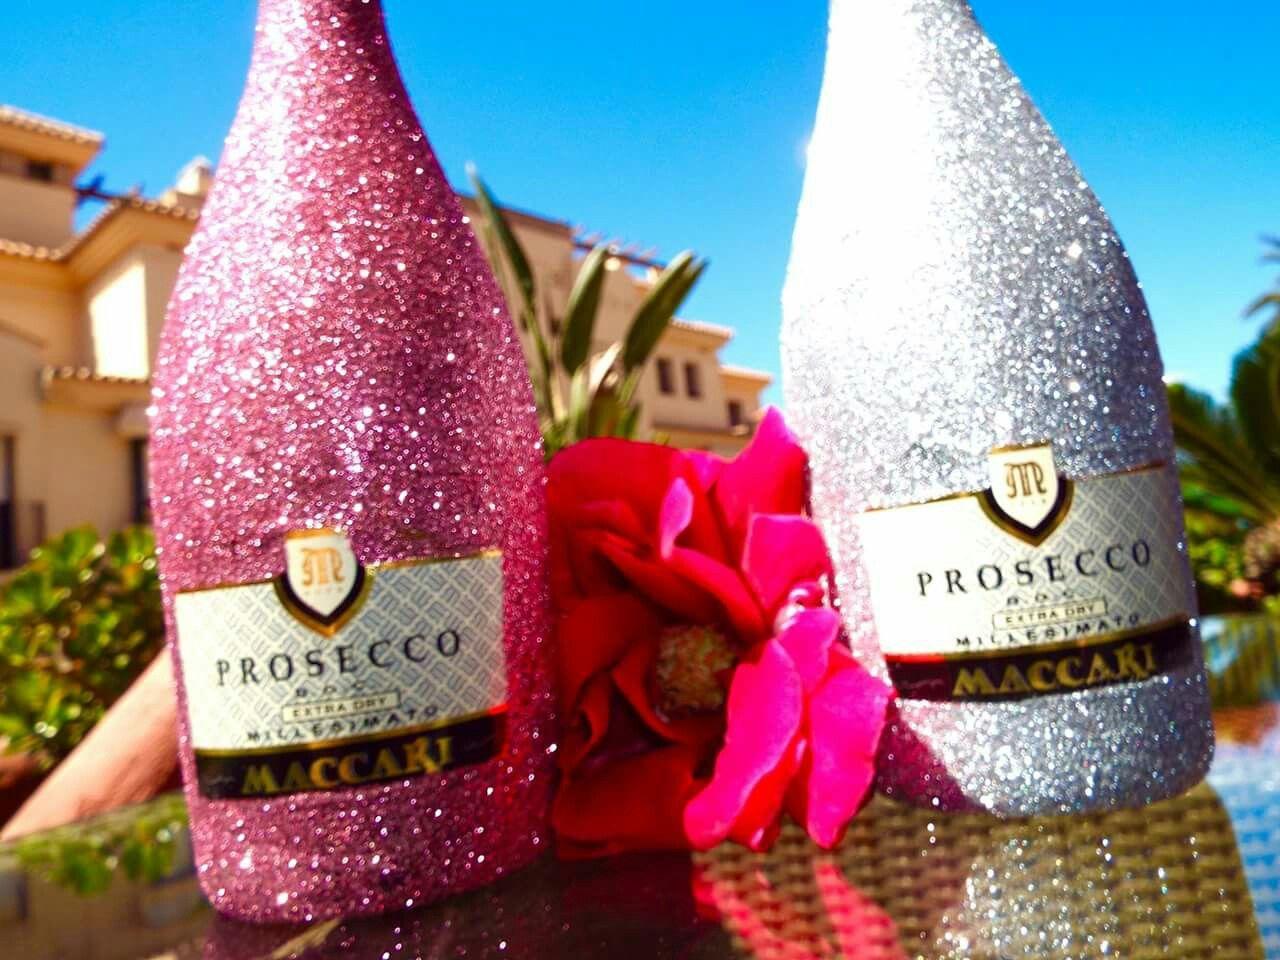 Prosecco Time Prosecco Bottle Wine